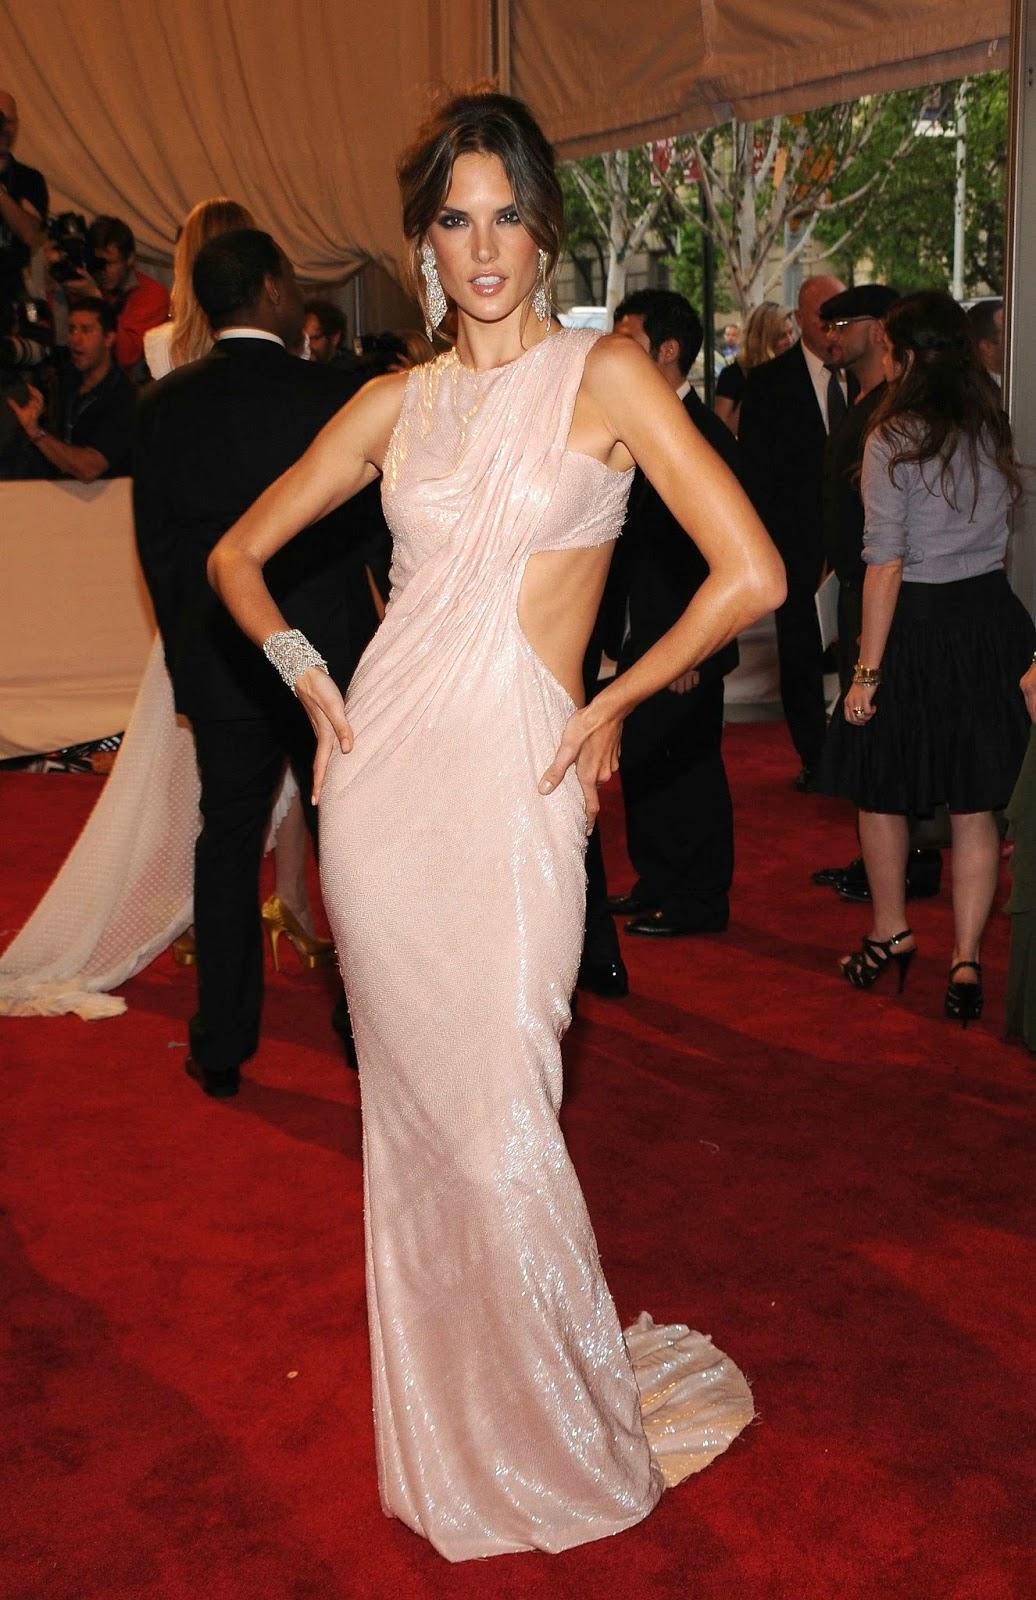 Bellos vestidos de Alessandra Ambrosio   Outfits de Moda ... алессандра амбросио